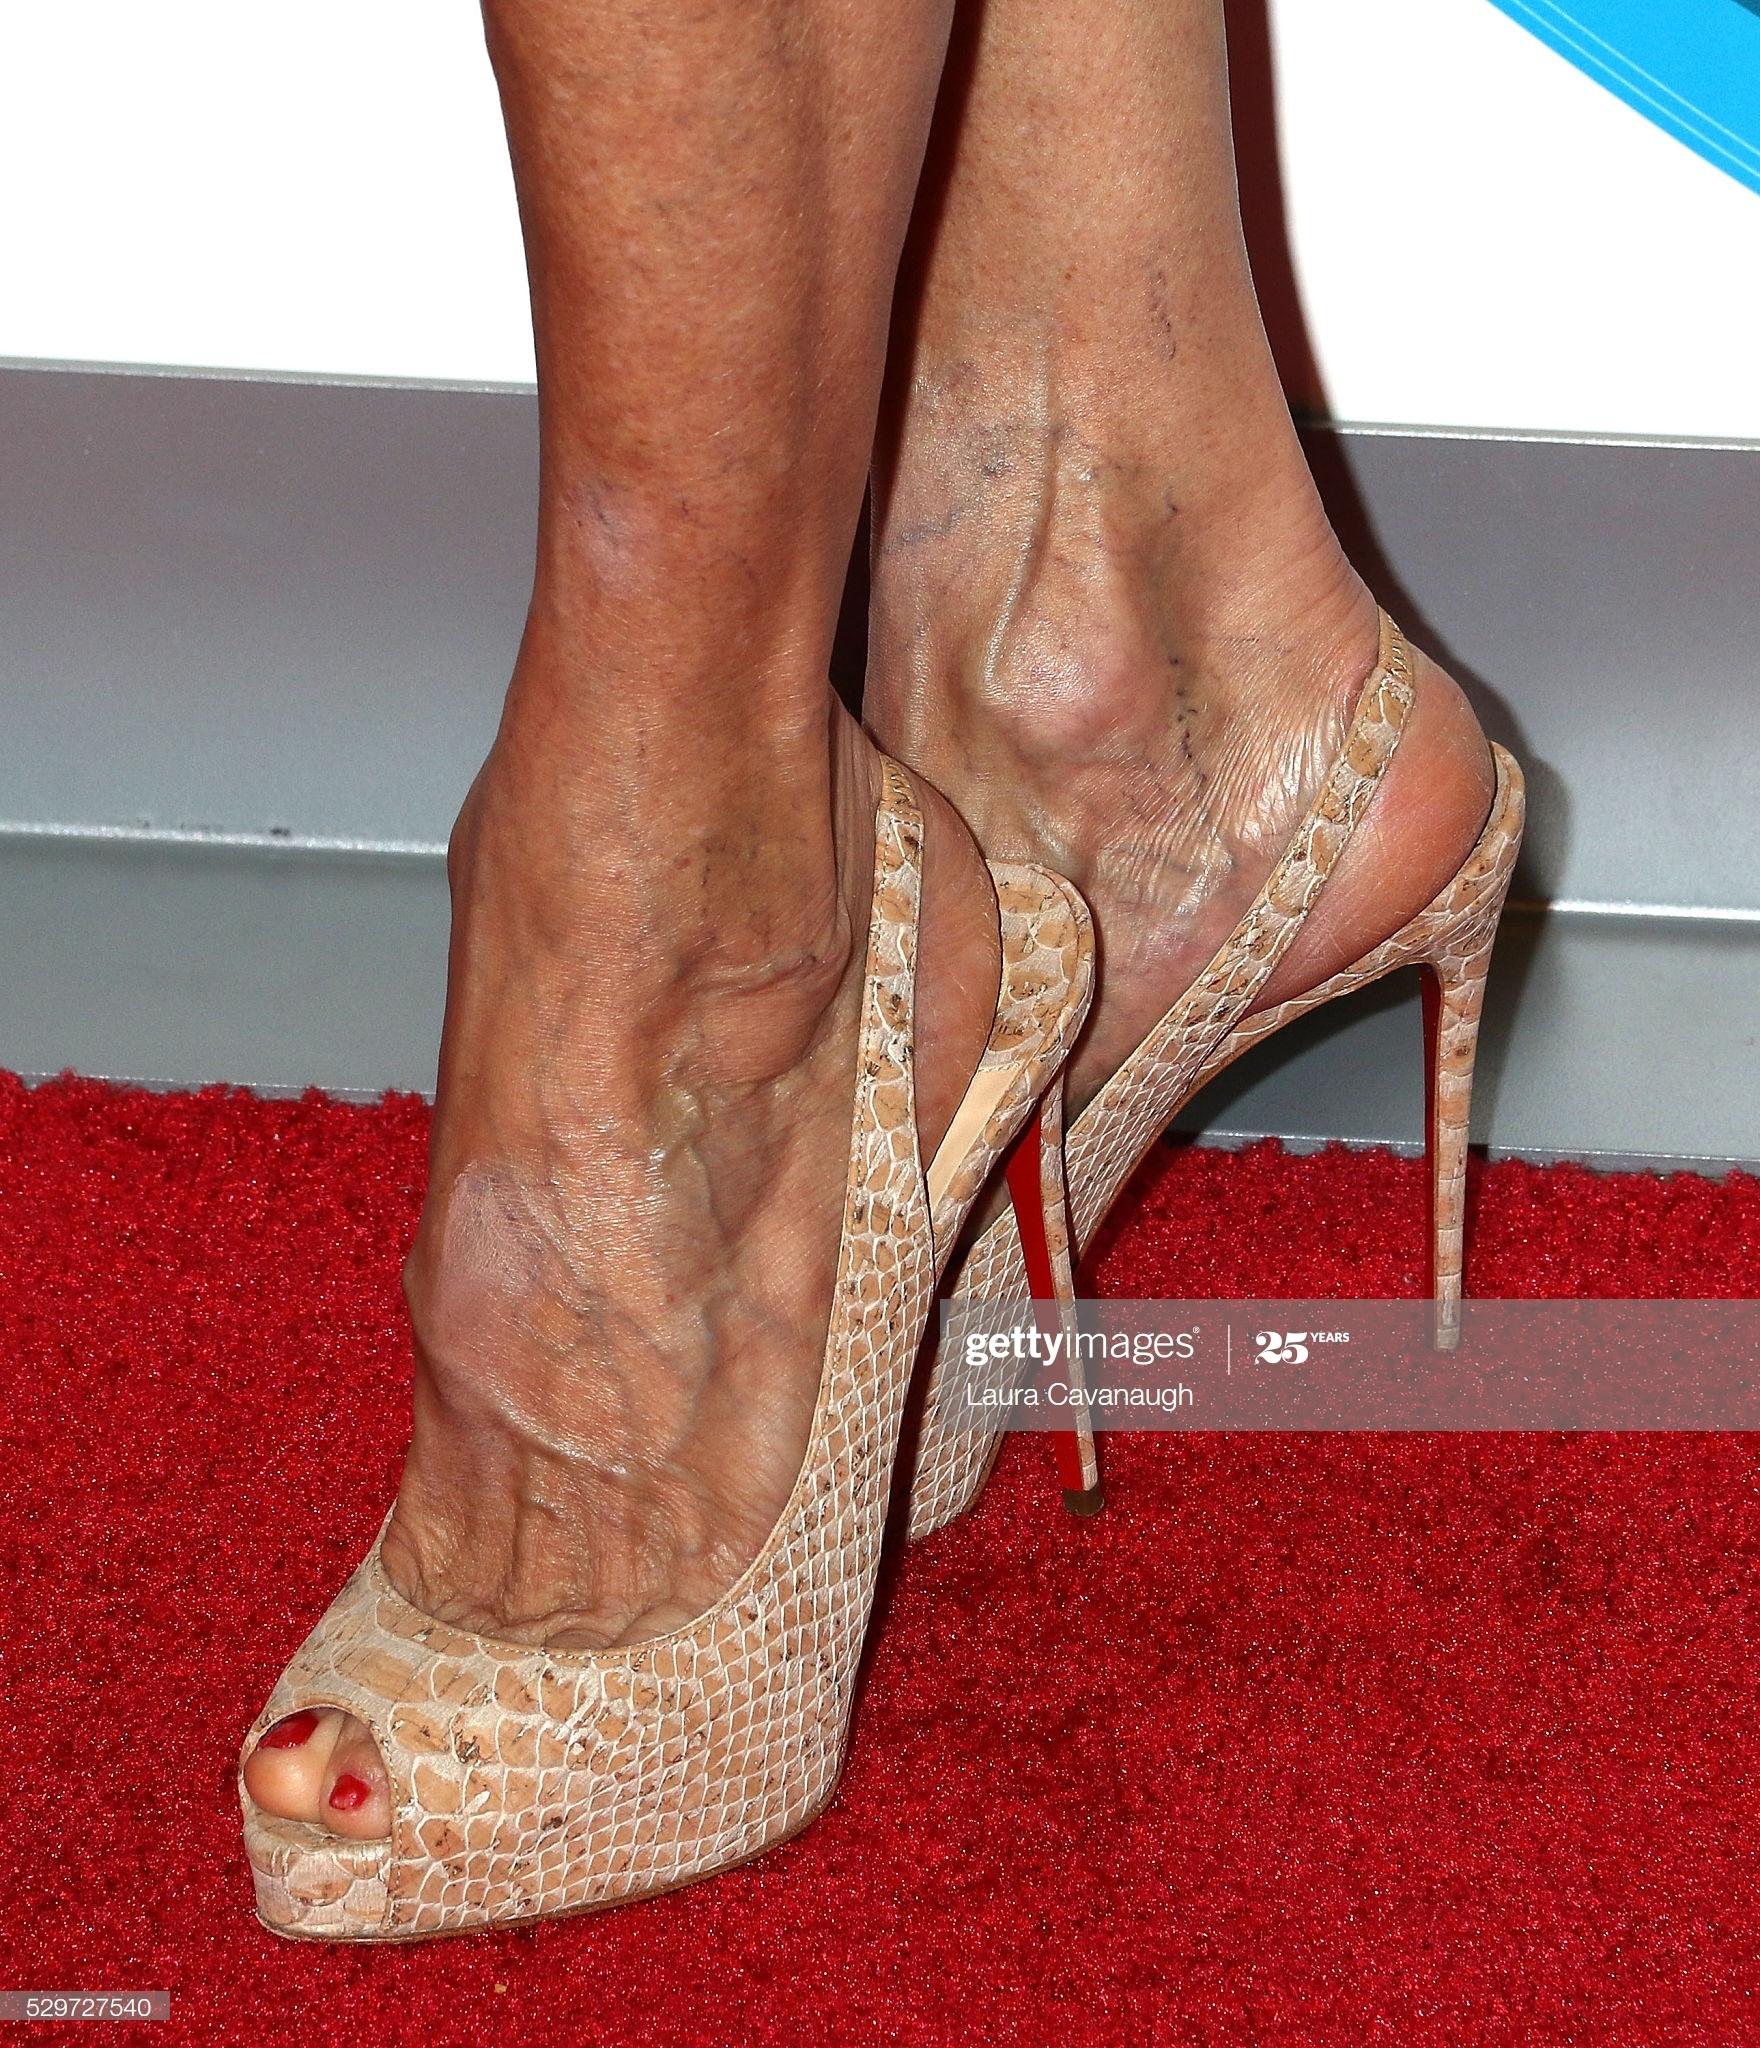 Anna Gunns Feet